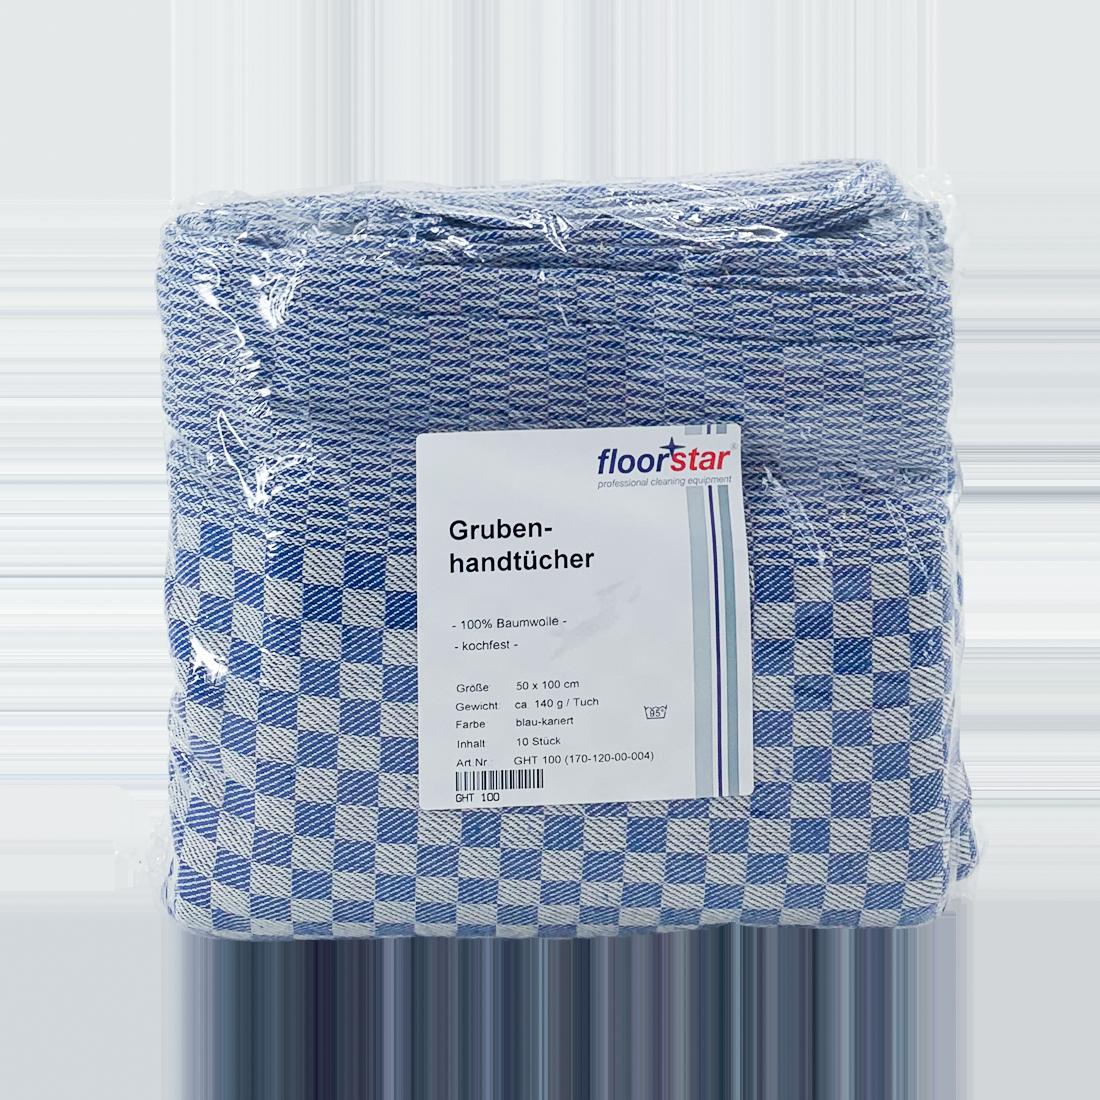 Grubenhandtuch kariert, 100% Baumwolle, 10 Stück/Packung, 100 x 50 cm